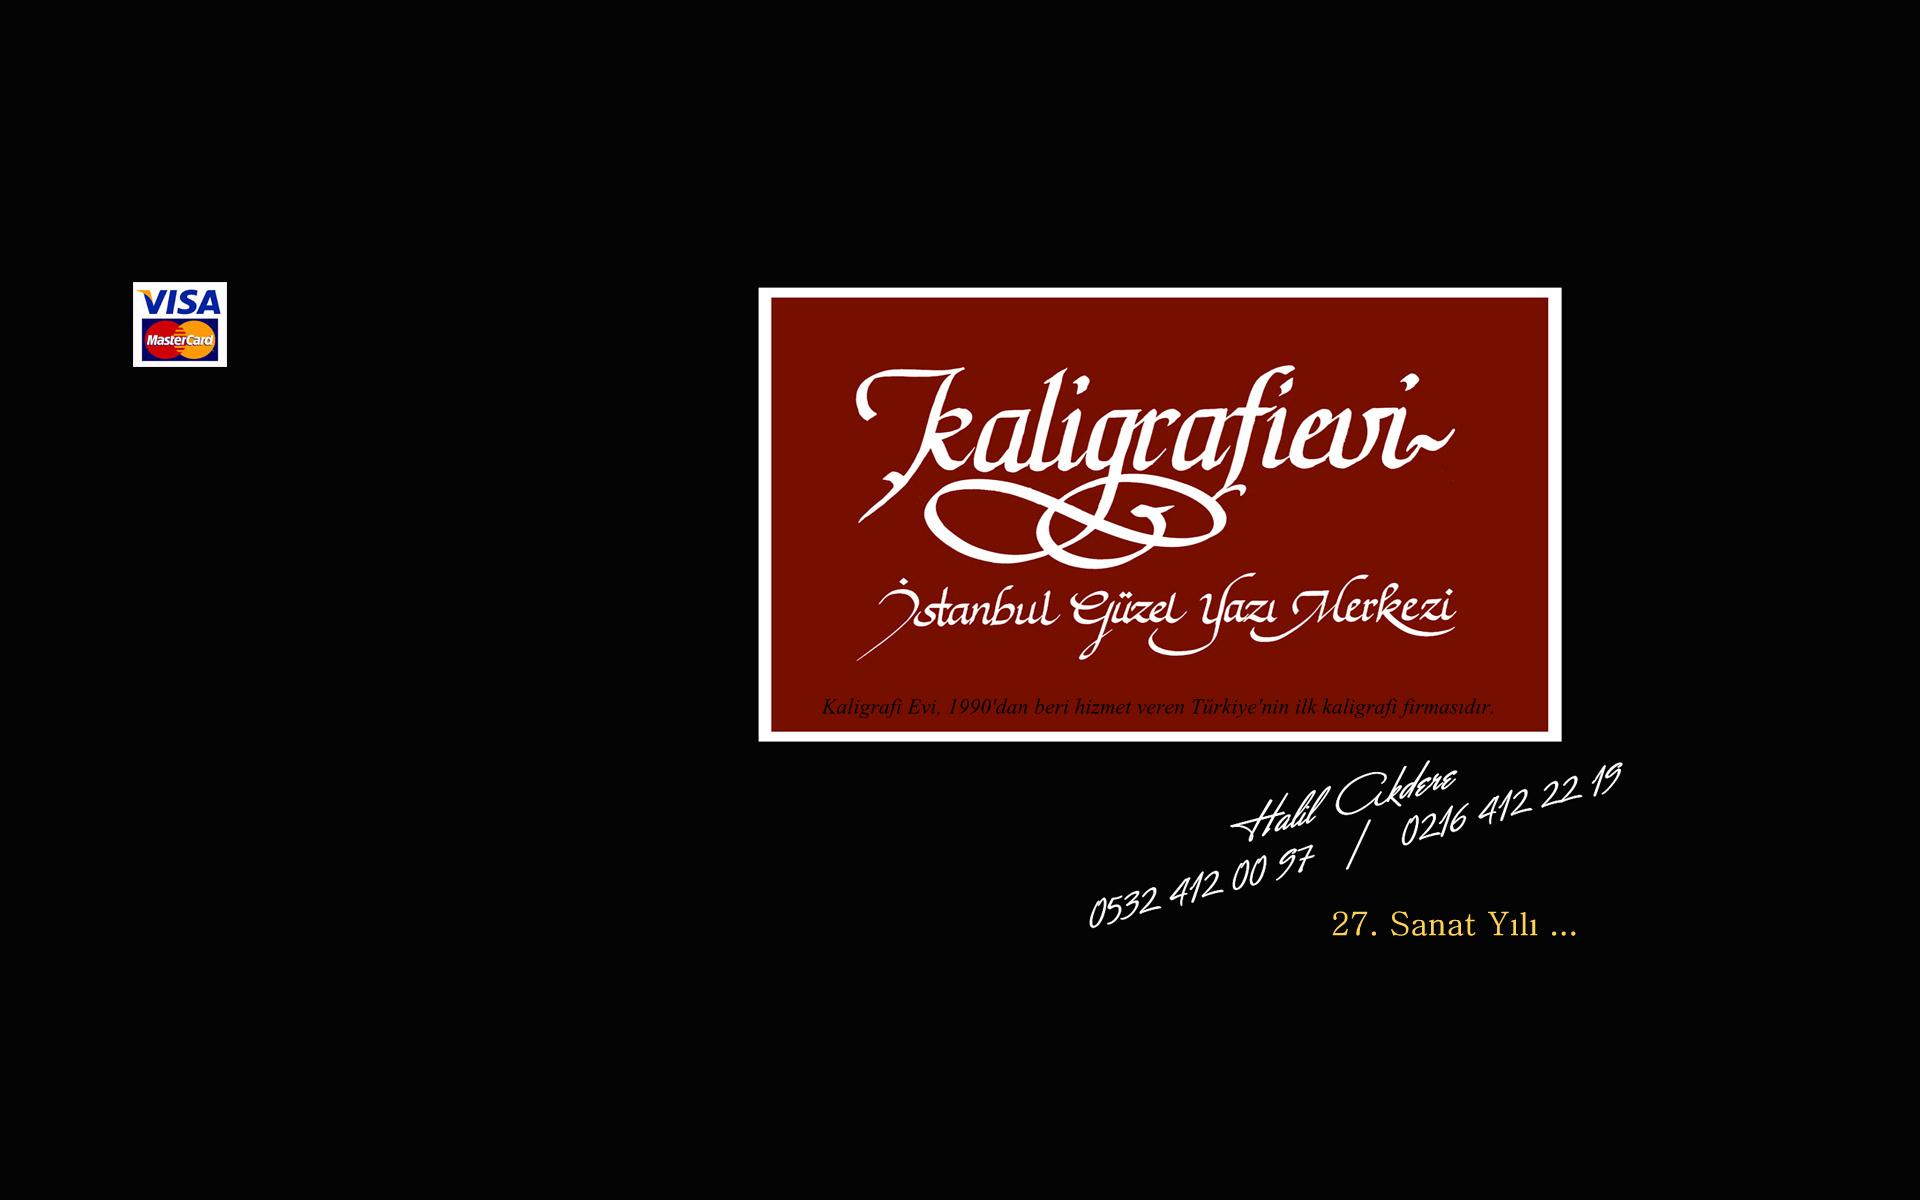 kaligrafi sitesi full background